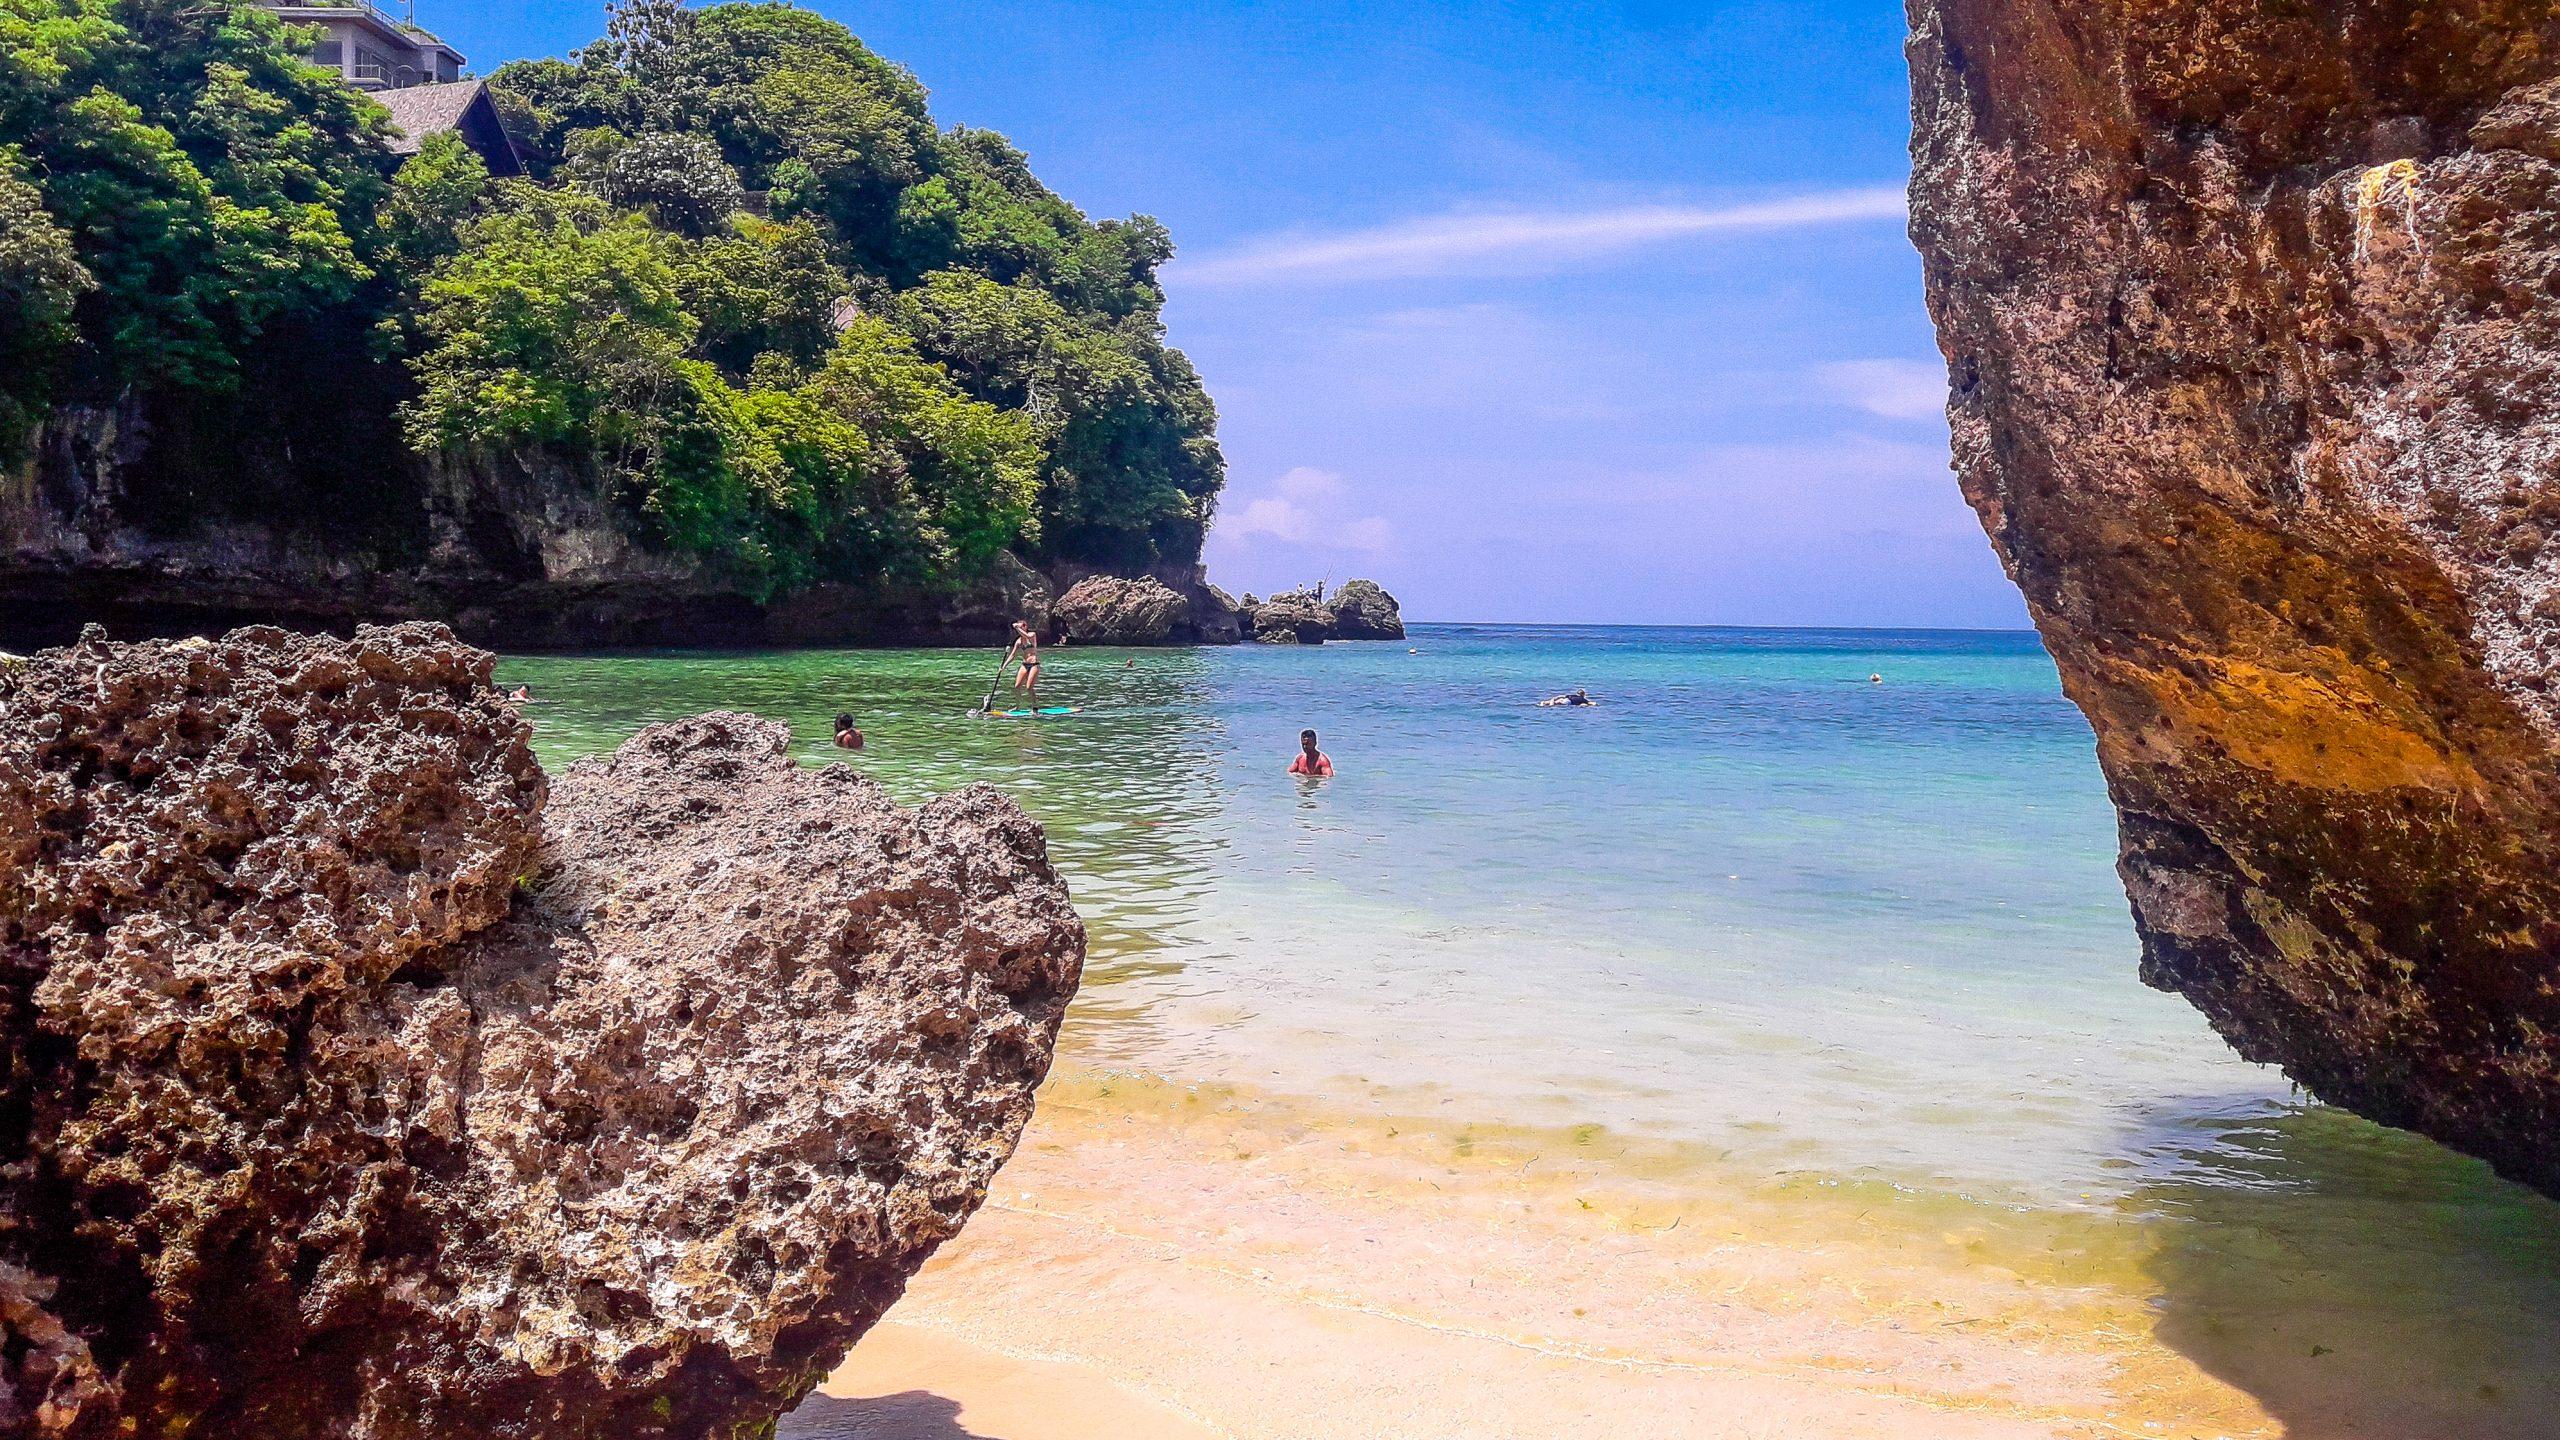 Padang beach in Bali